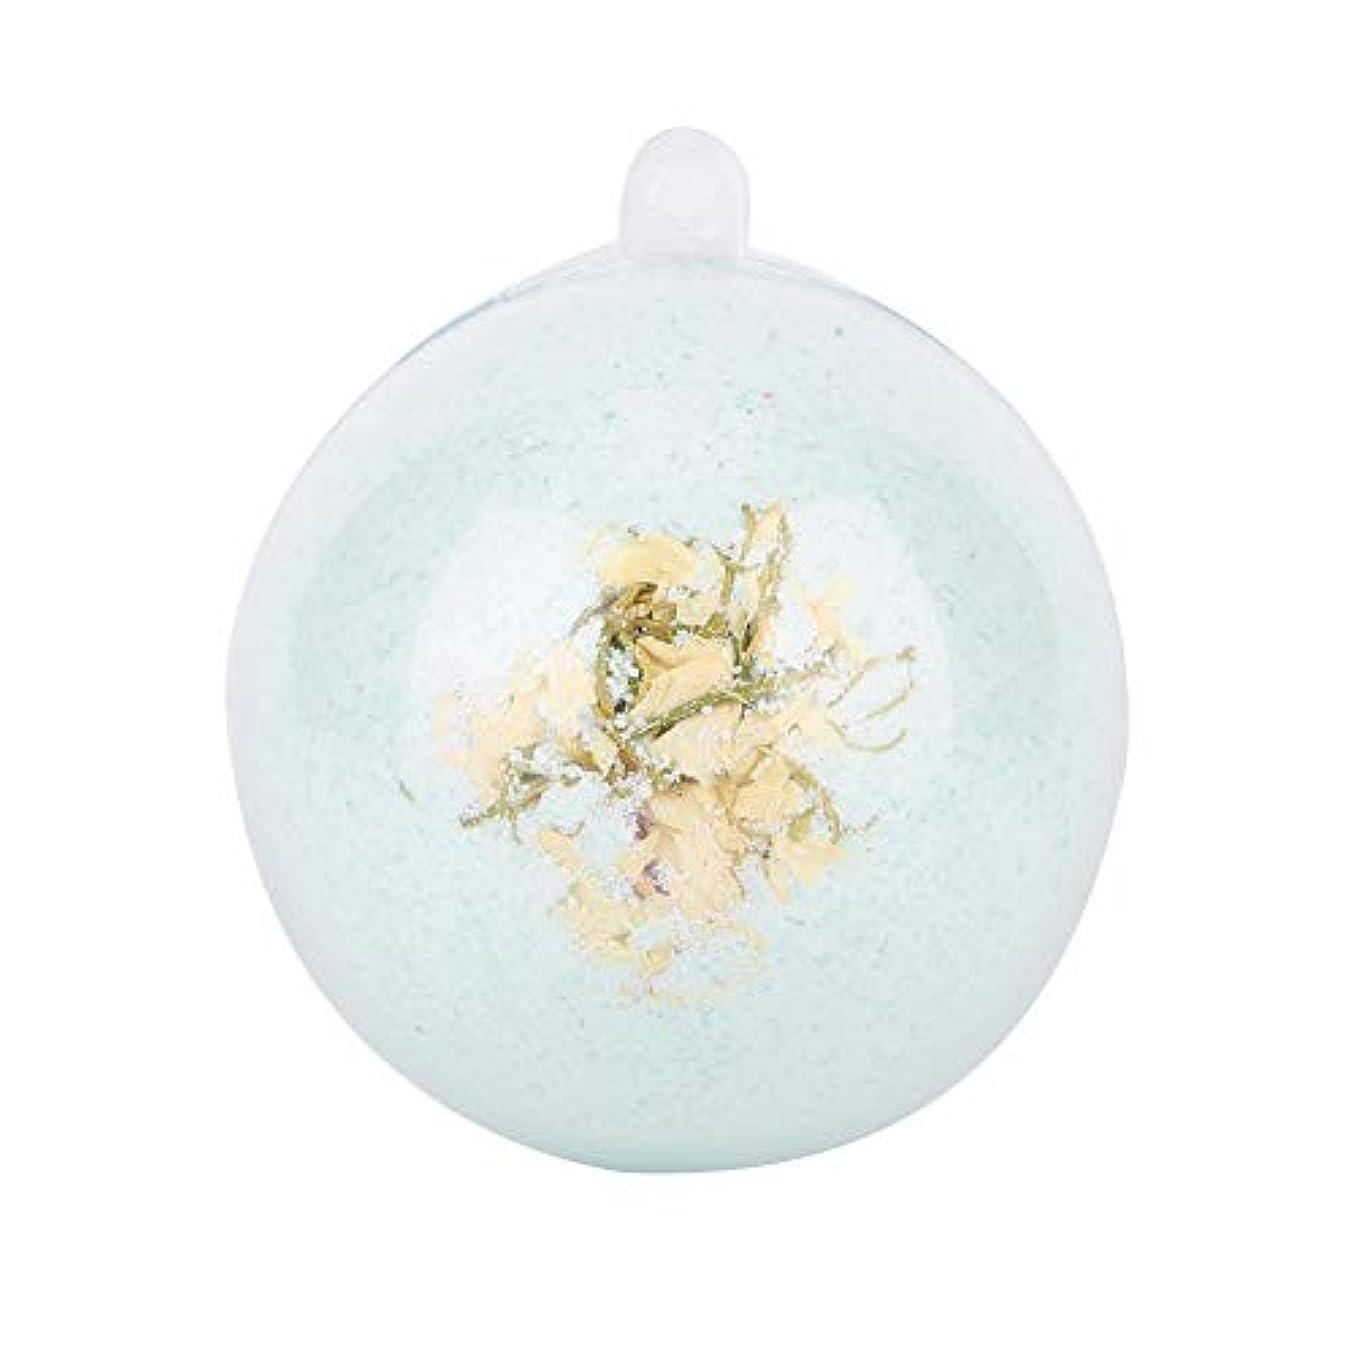 意味する収穫叱るdootiバスボム 6個セット 爆弾バスボール 入浴剤 プレゼント用 香り 入浴 風呂 お湯 優しい